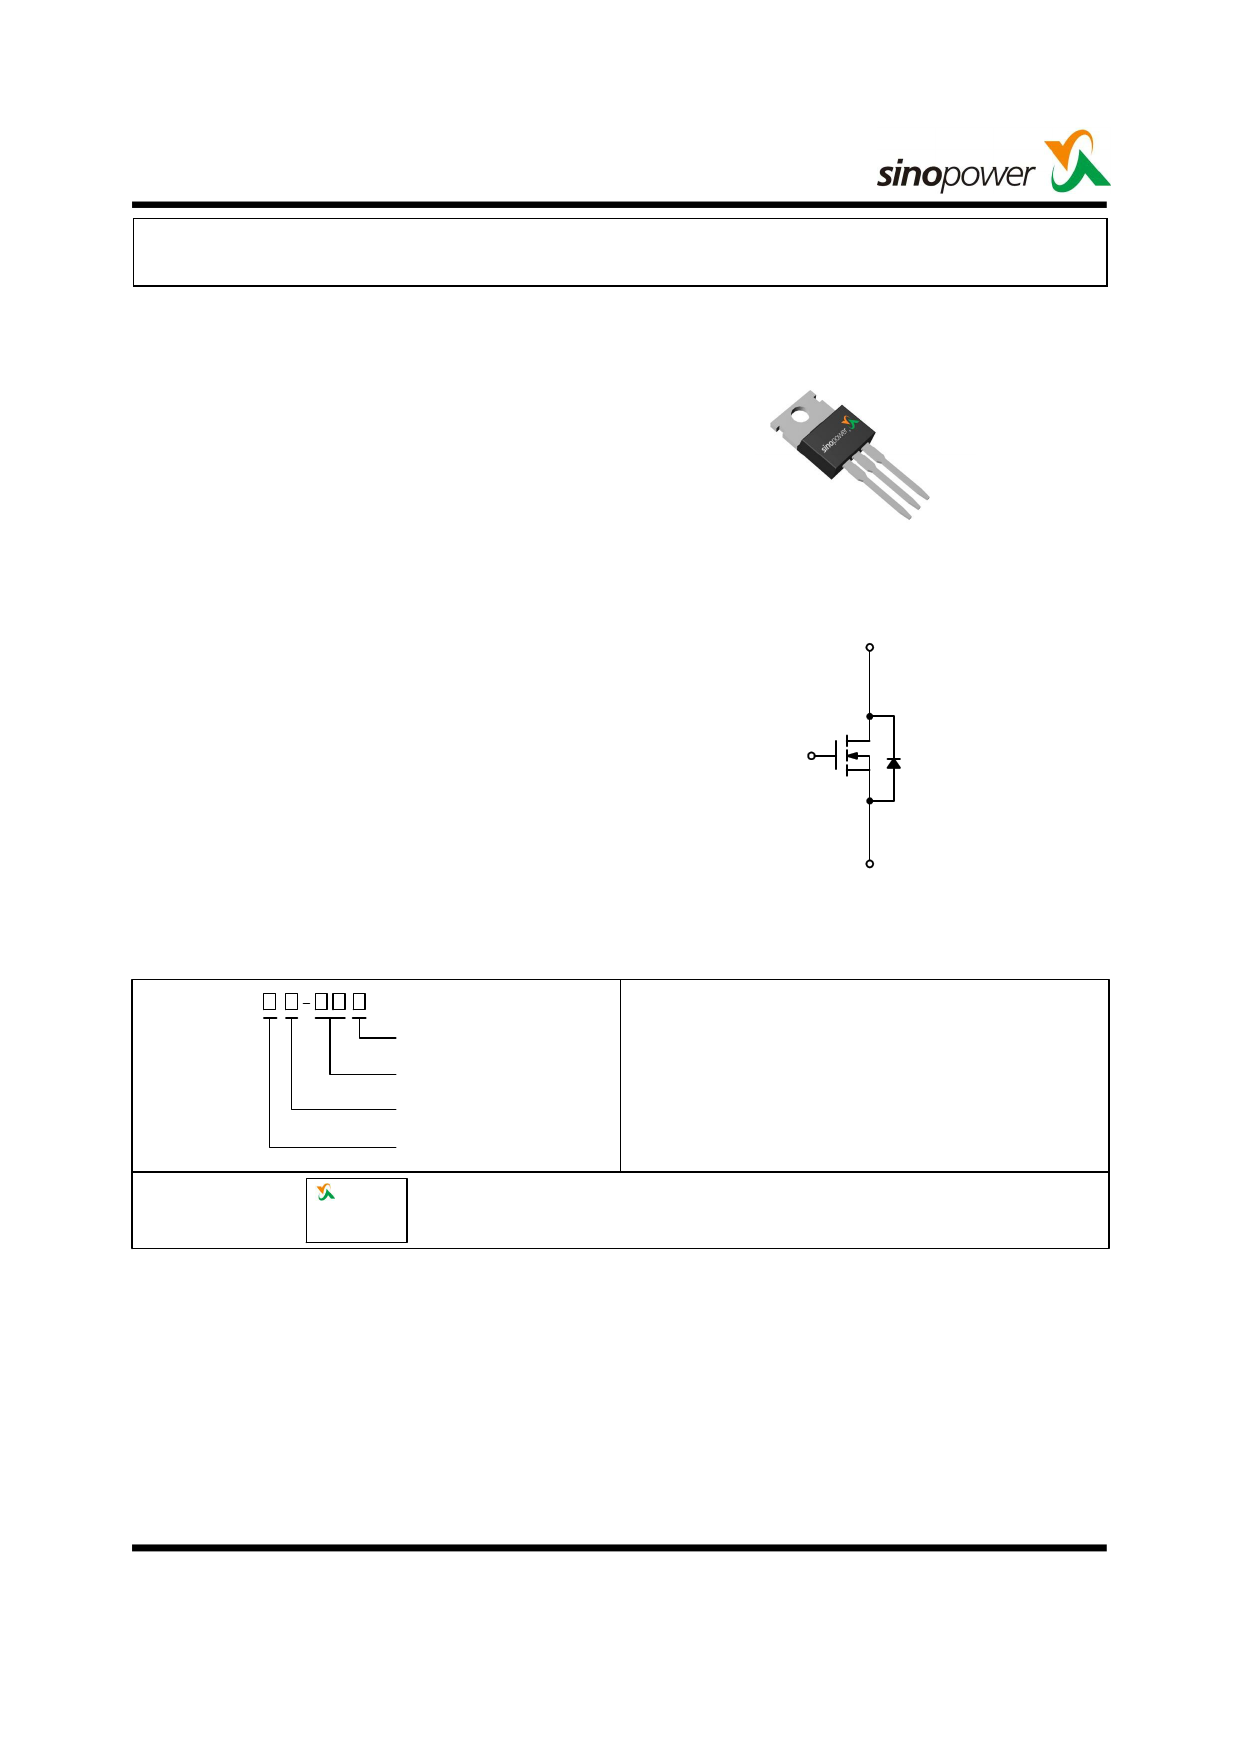 SM8007NSF datasheet pinout pdf